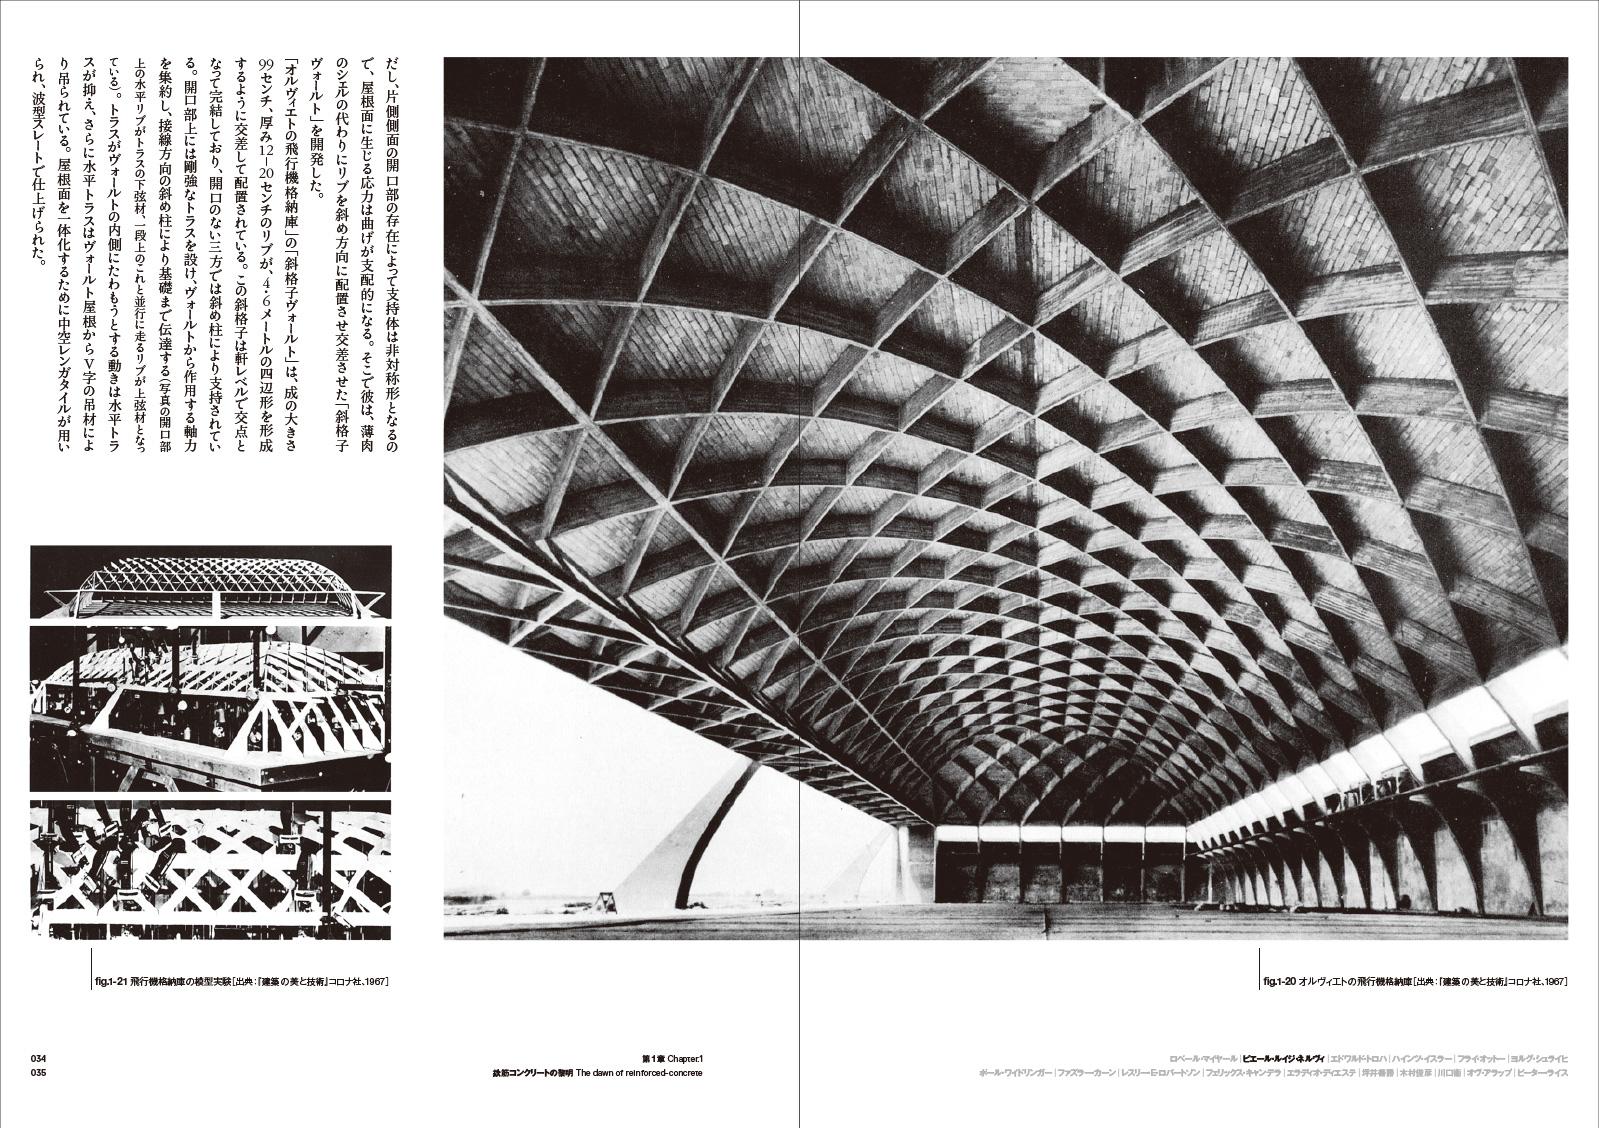 20世紀を築いた構造家たち| ARC...